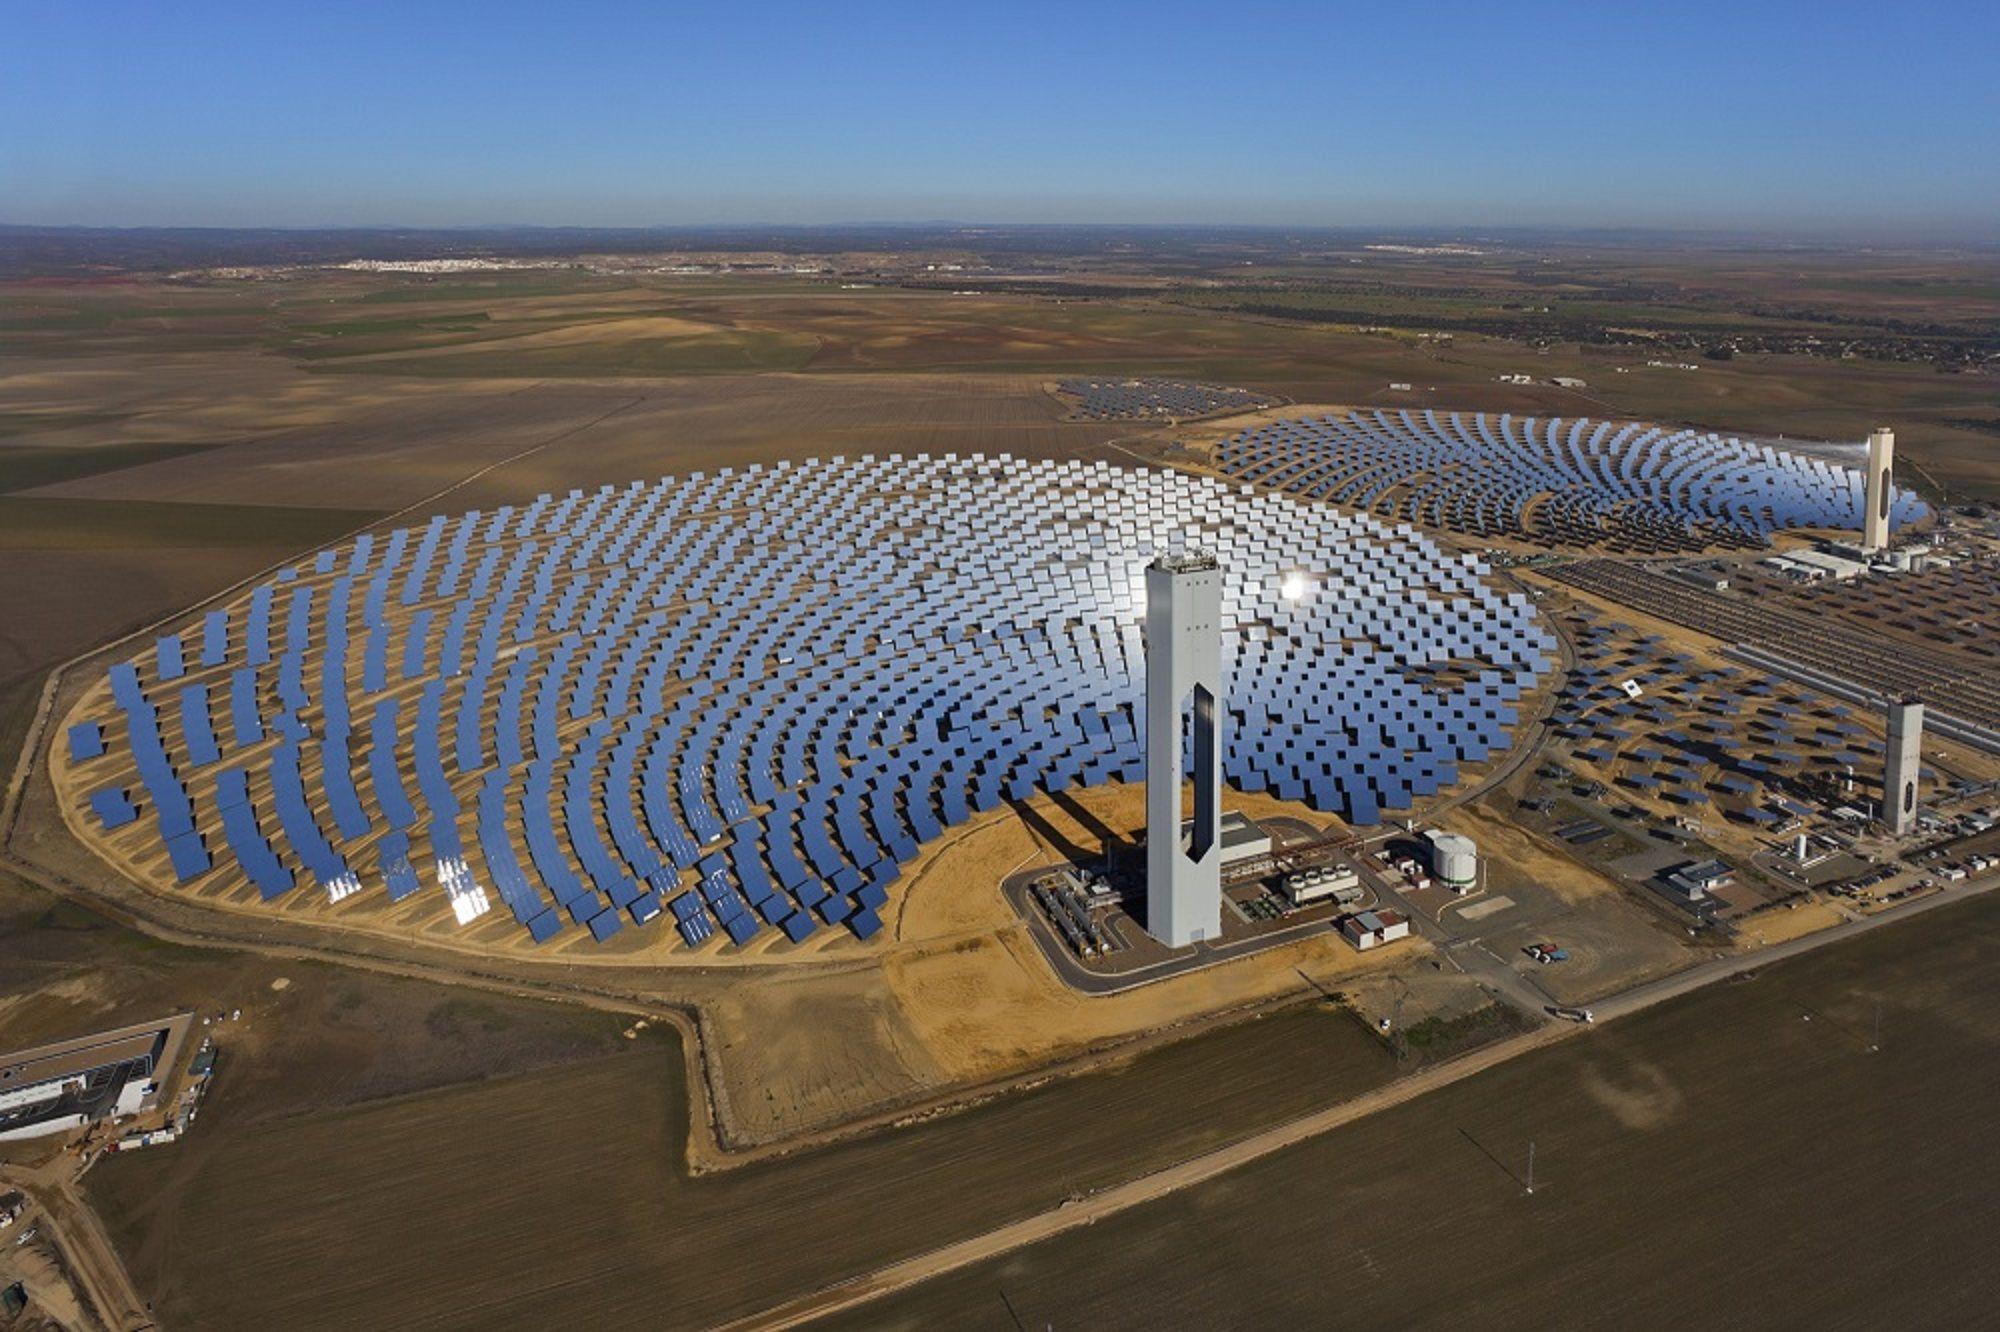 Ingeniería-para-la energía-termo-solar